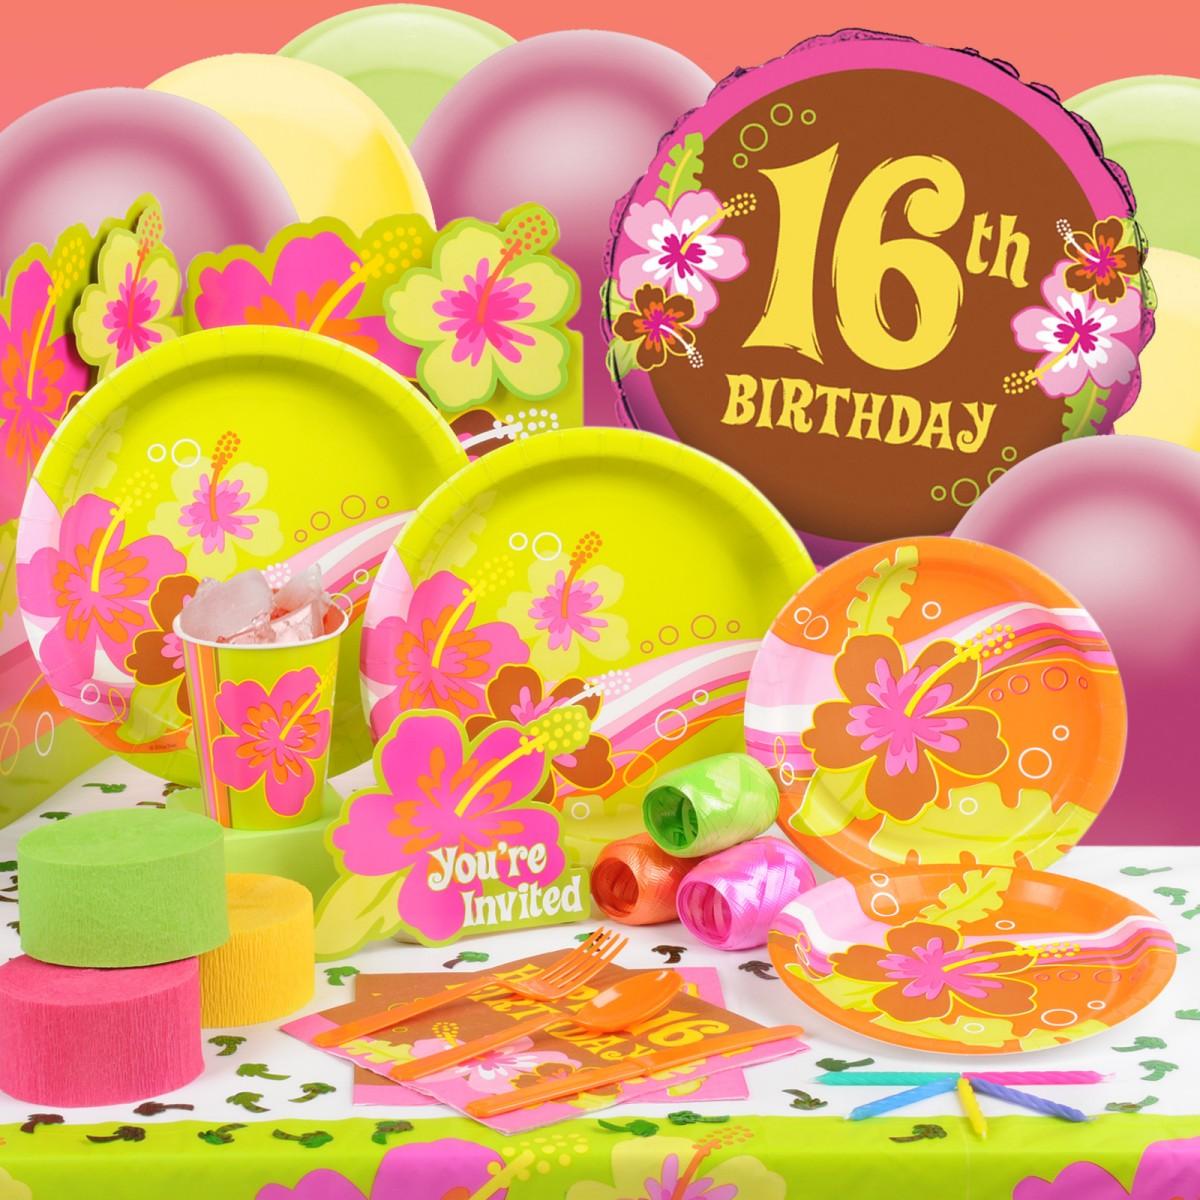 Картинки с днем рождения на 16 лет девочке